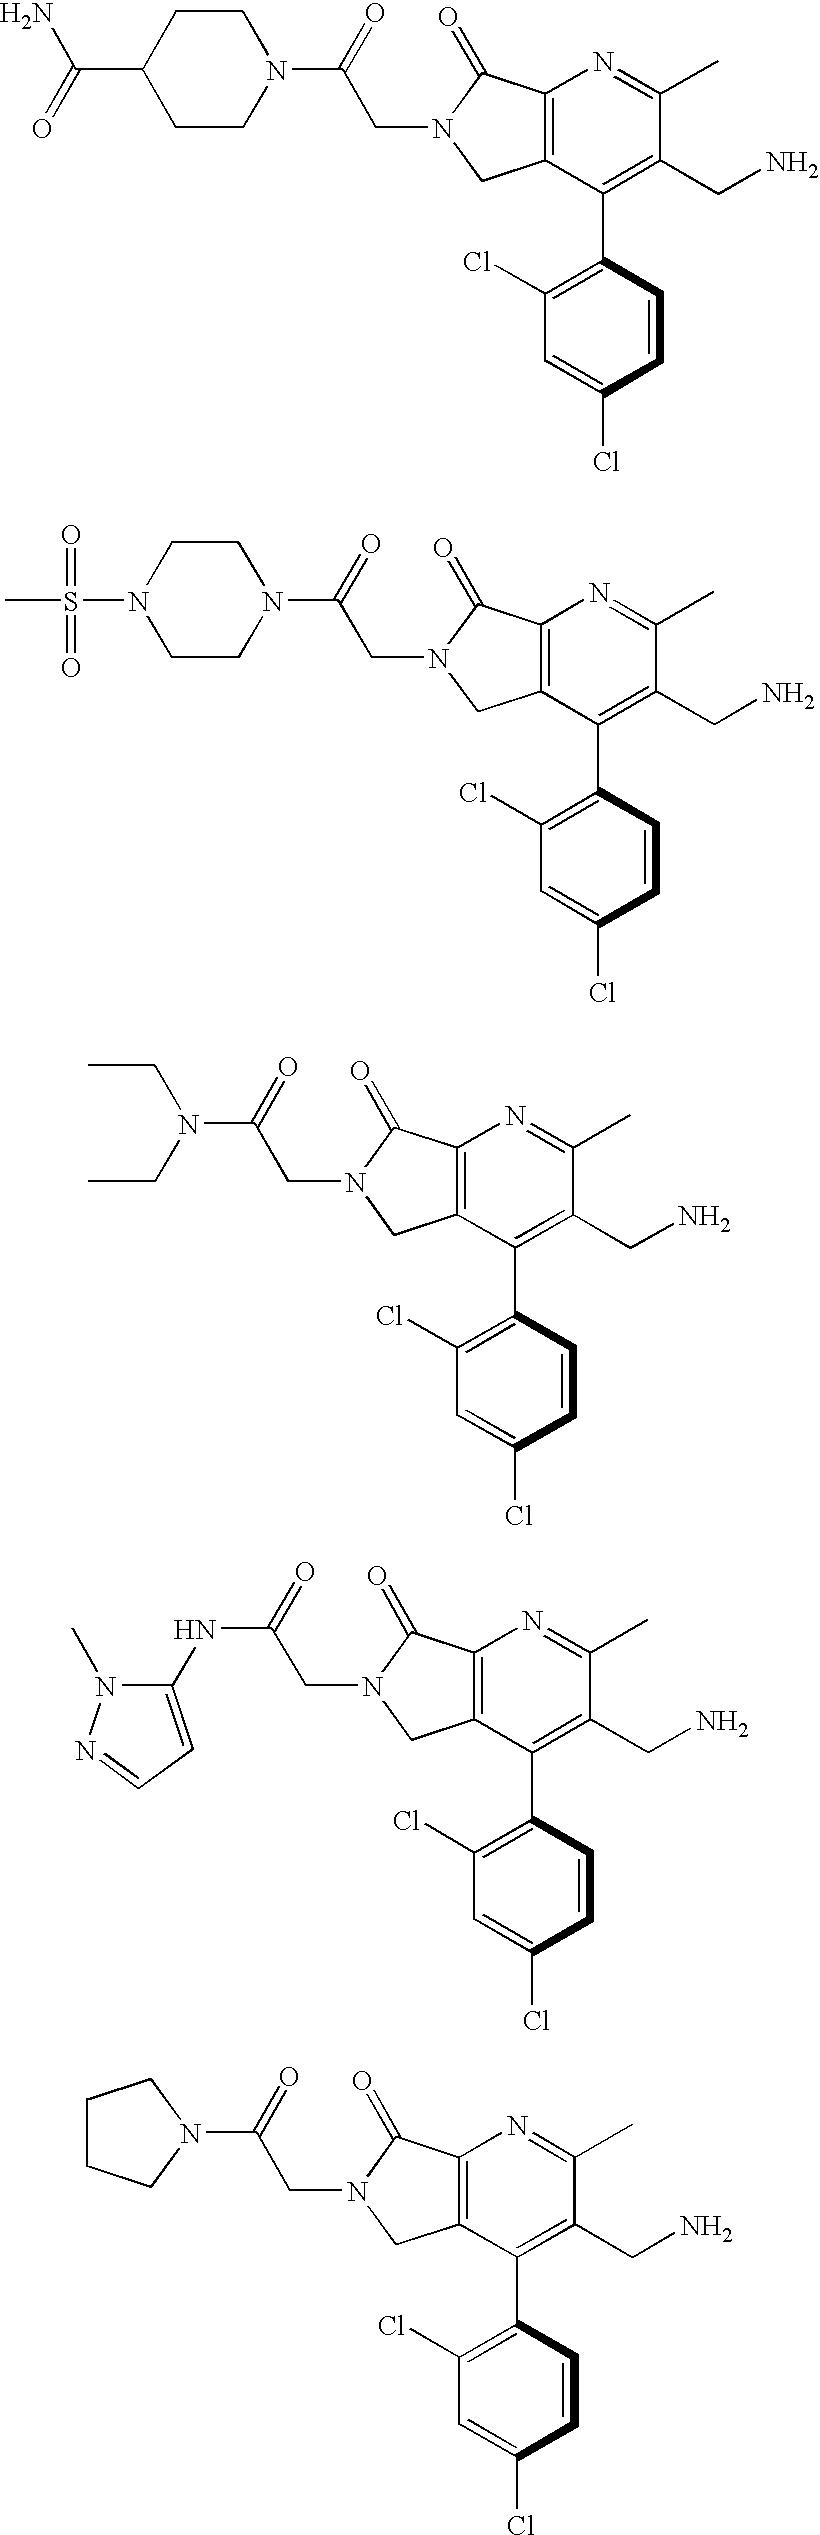 Figure US07521557-20090421-C00020